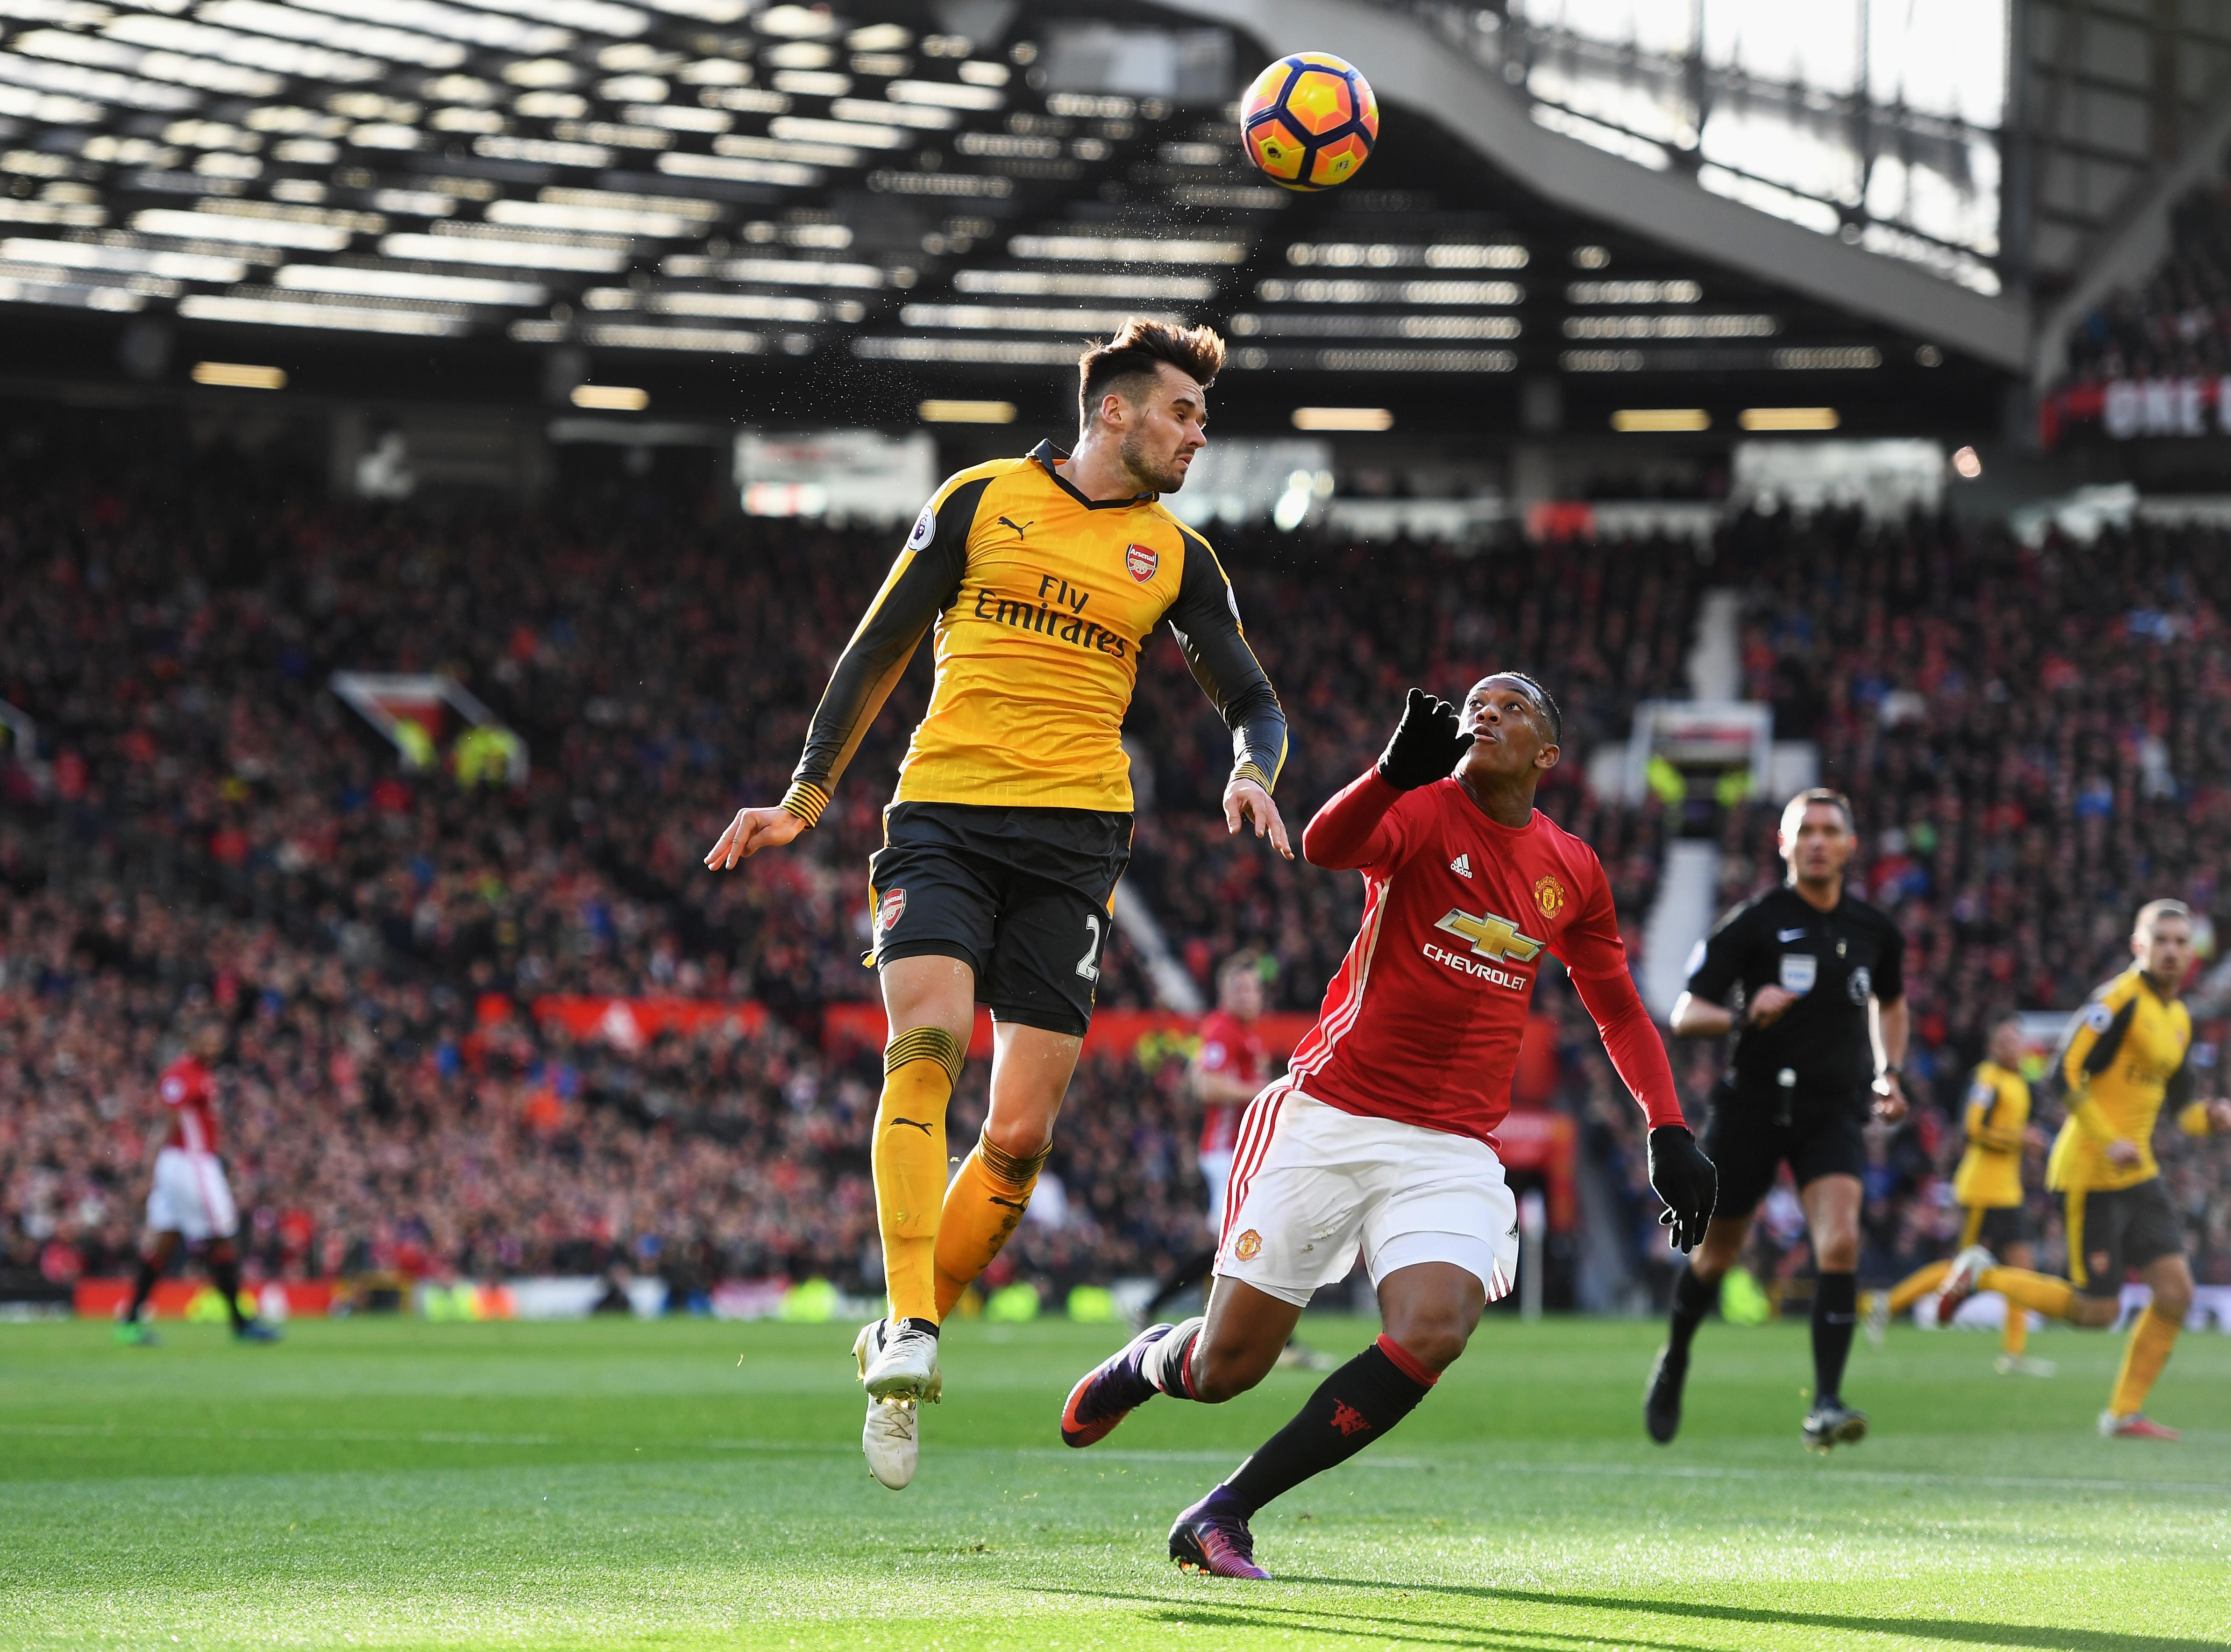 Ставки на футбол на Манчестер Юнайтед — Вест Хэм. Ставки на чемпионат Англии 13 Августа 2017